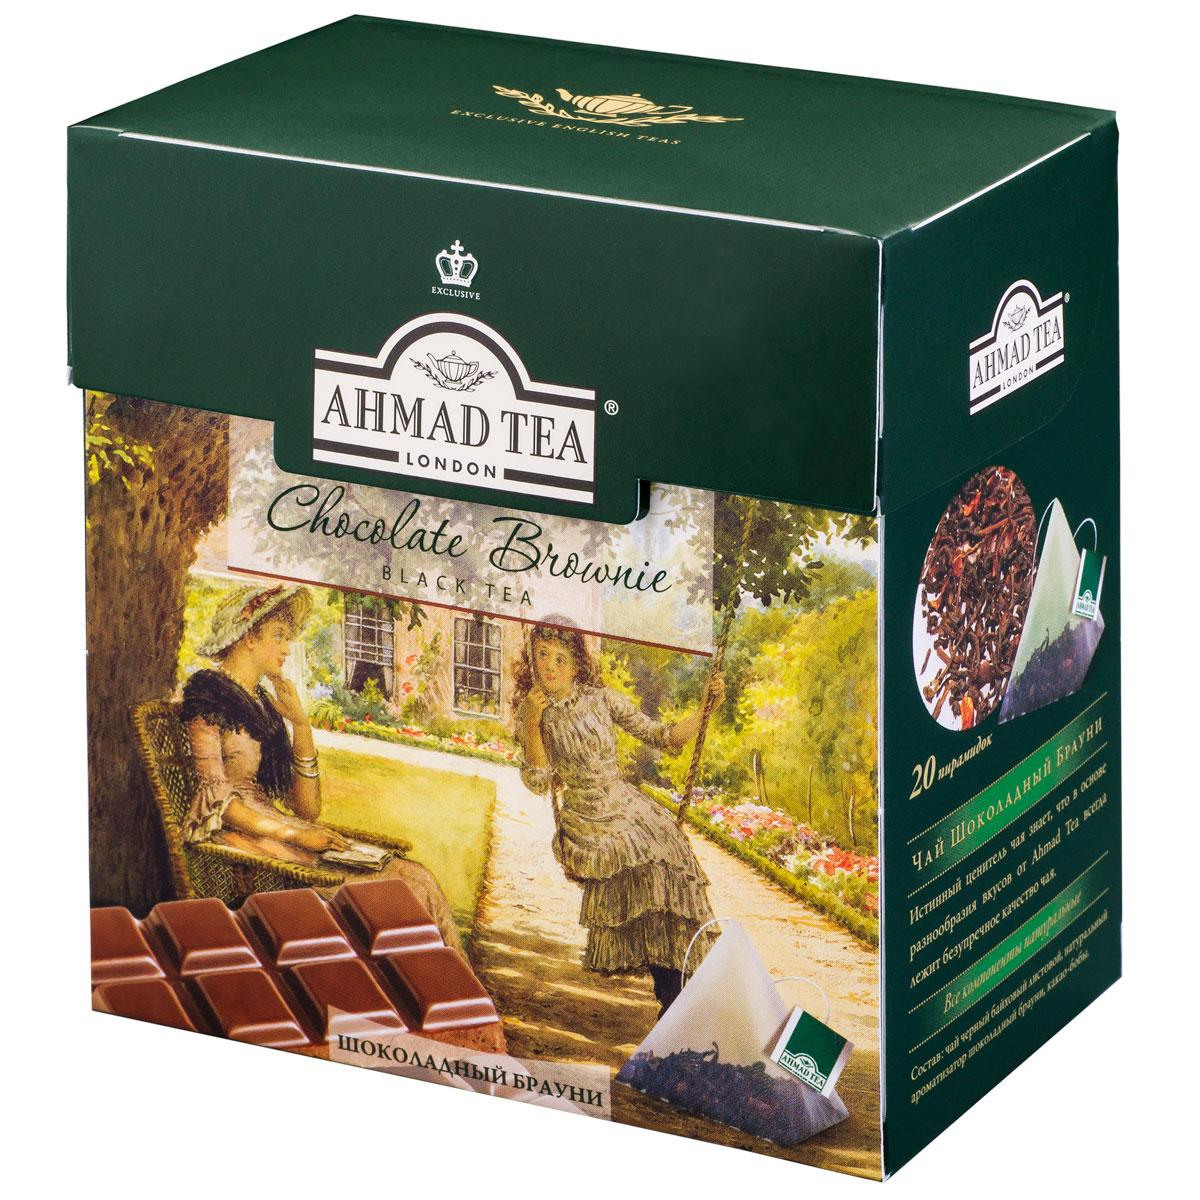 Ahmad Tea Chocolate Brownie черный чай в пирамидках, 20 шт0120710Ahmad Tea Chocolate Brownie - это изысканный вкус черного шоколада в сочетании с терпким черным чаем провинции Ассам и утонченным цейлонским чаем. Безупречная лаконичность классического совершенства.Заваривать 5-7 минут, температура воды 100°С.